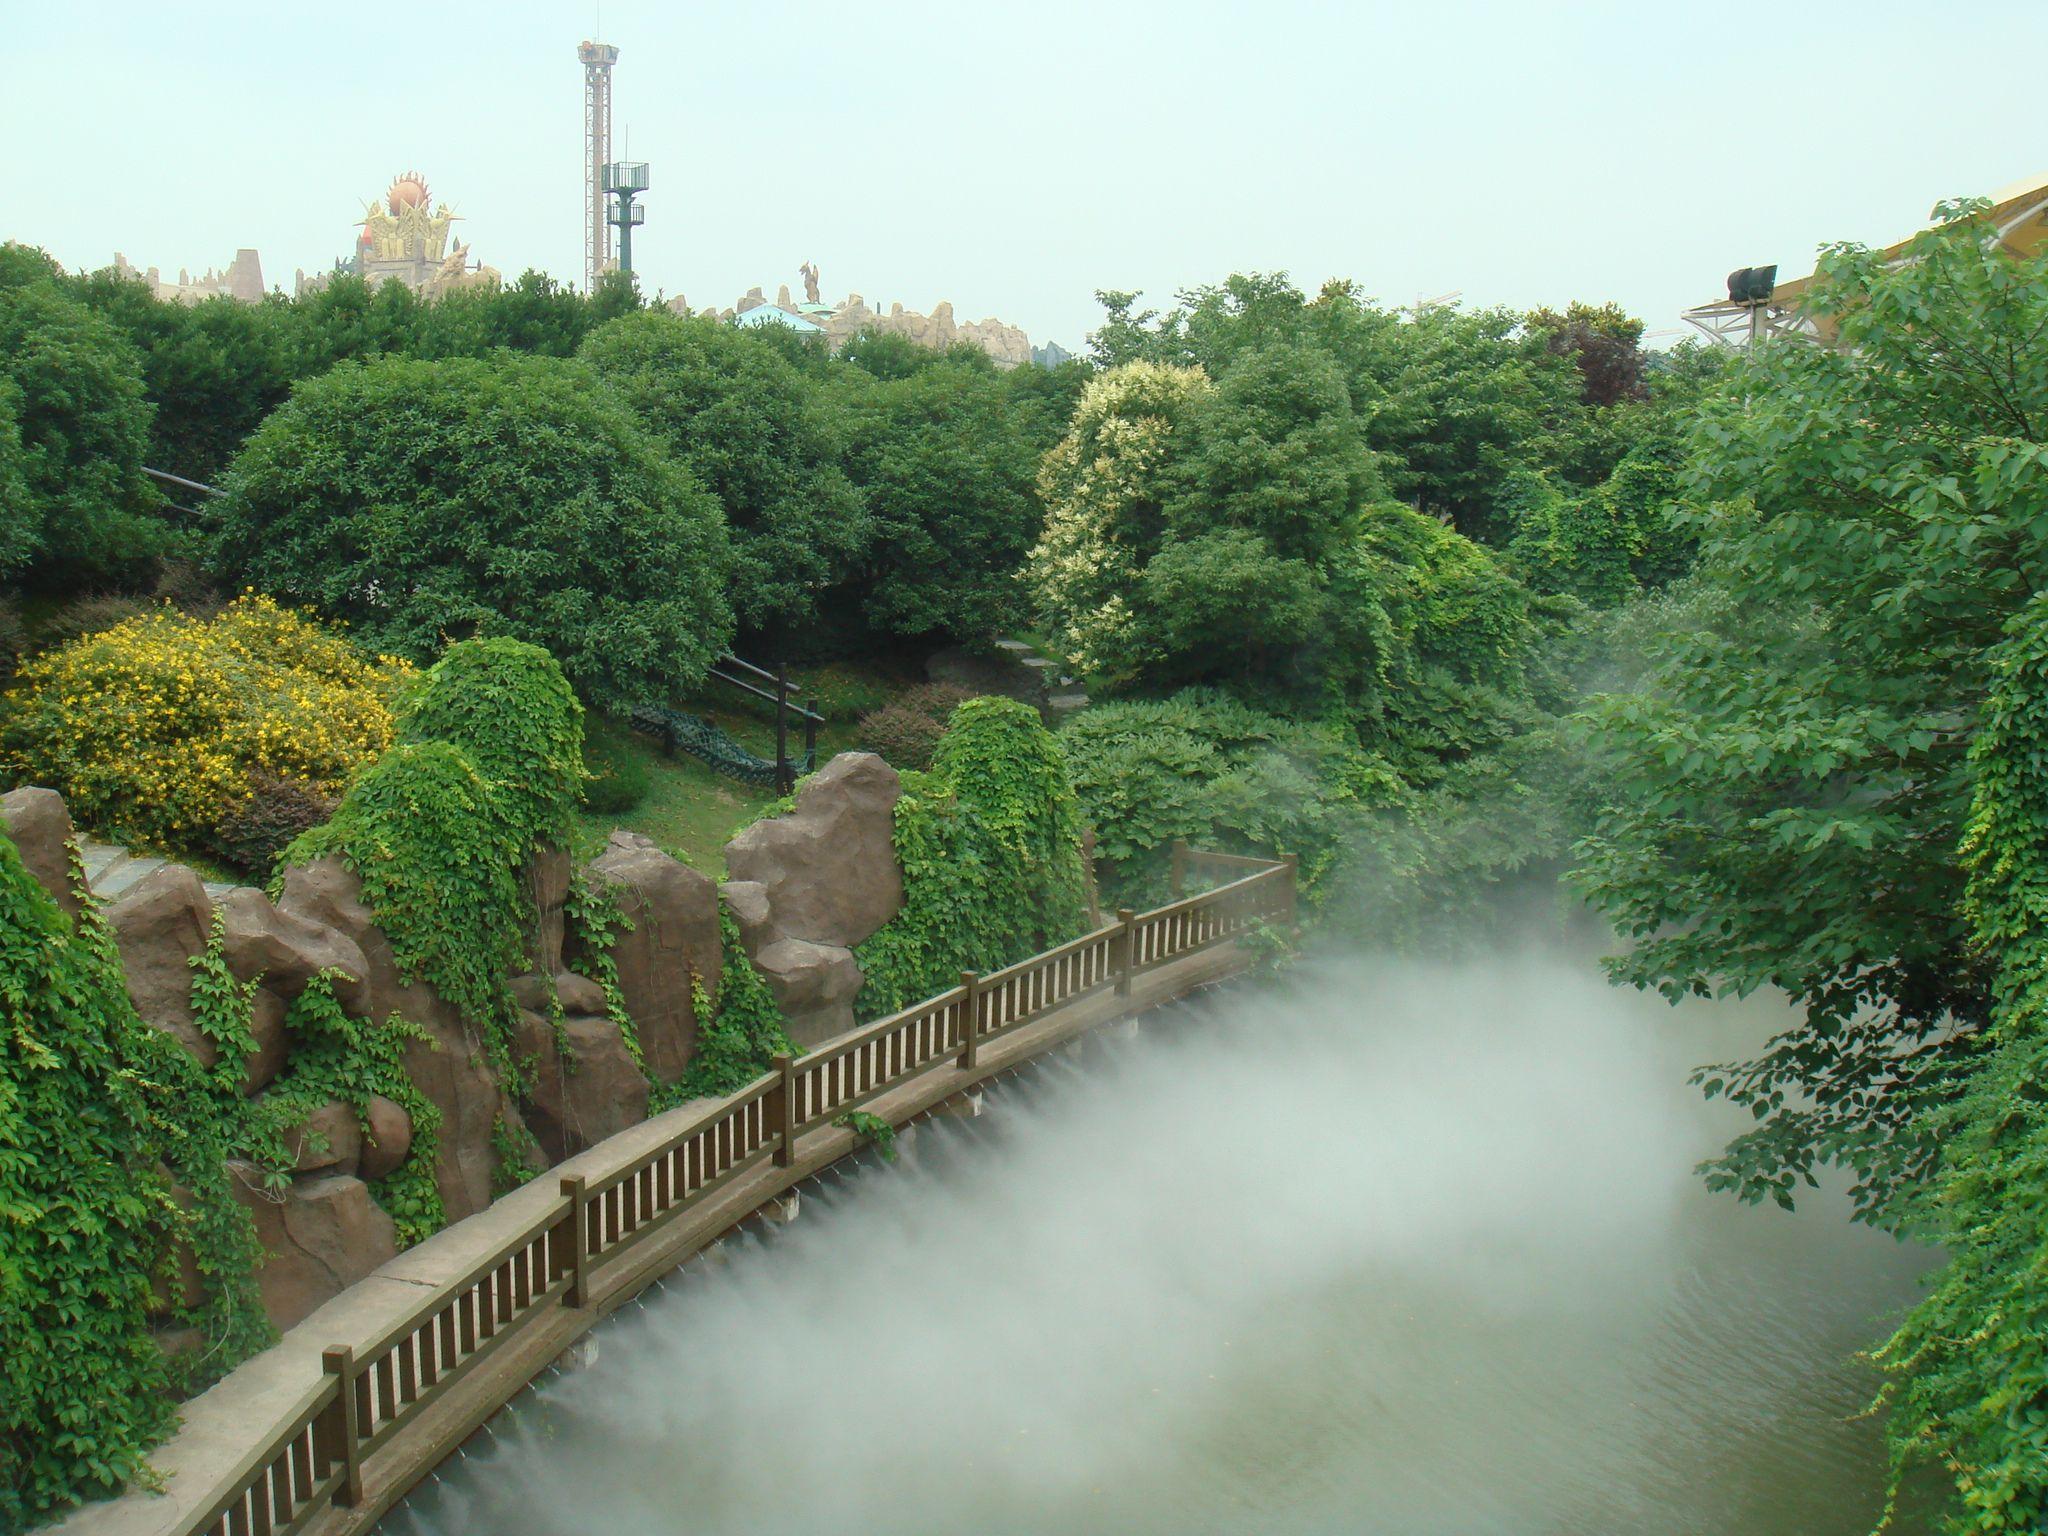 喷雾造景设备之冷雾系统